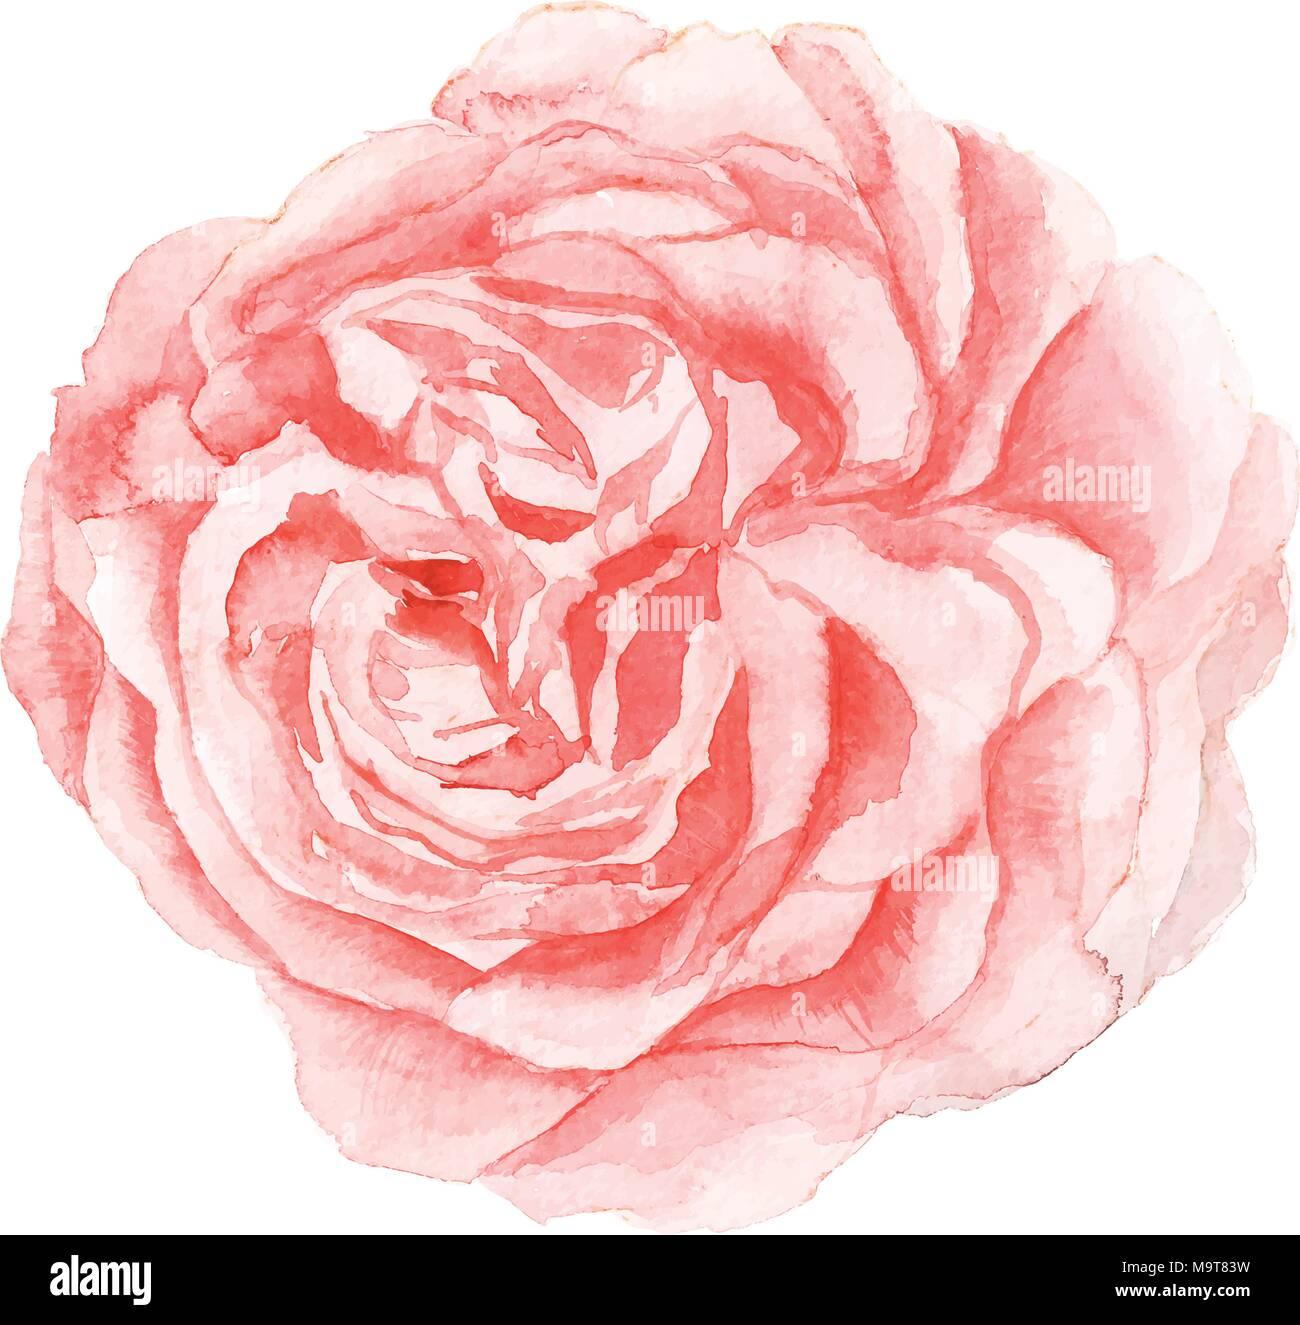 La Peinture De Fleur Rose Aquarelle Isole Sur Fond Blanc Vecteurs Et